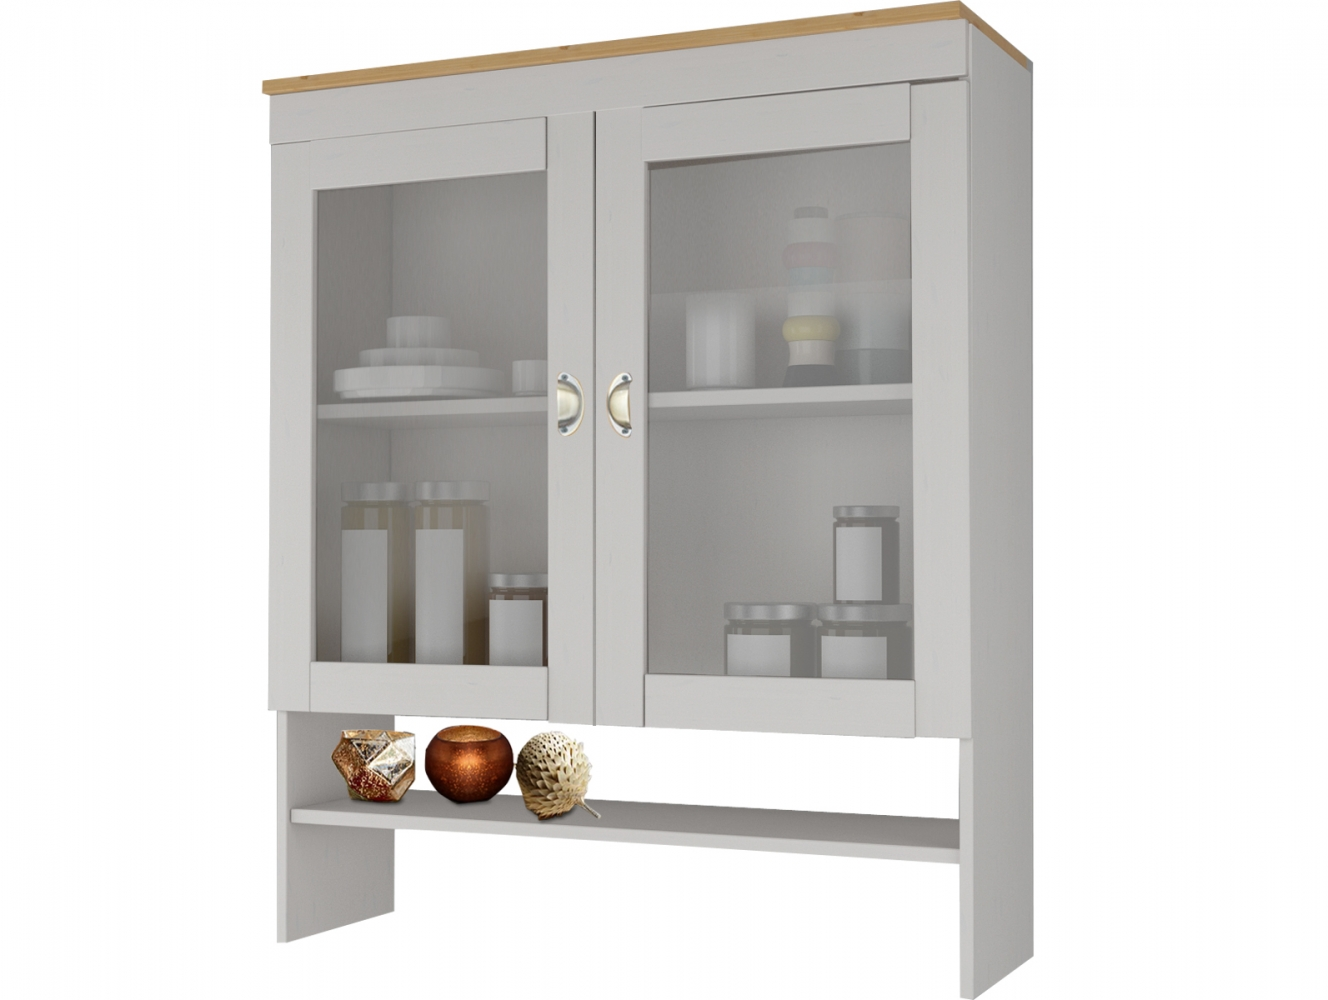 Nástěnná skříňka Tyle, 120 cm, borovice / bílá